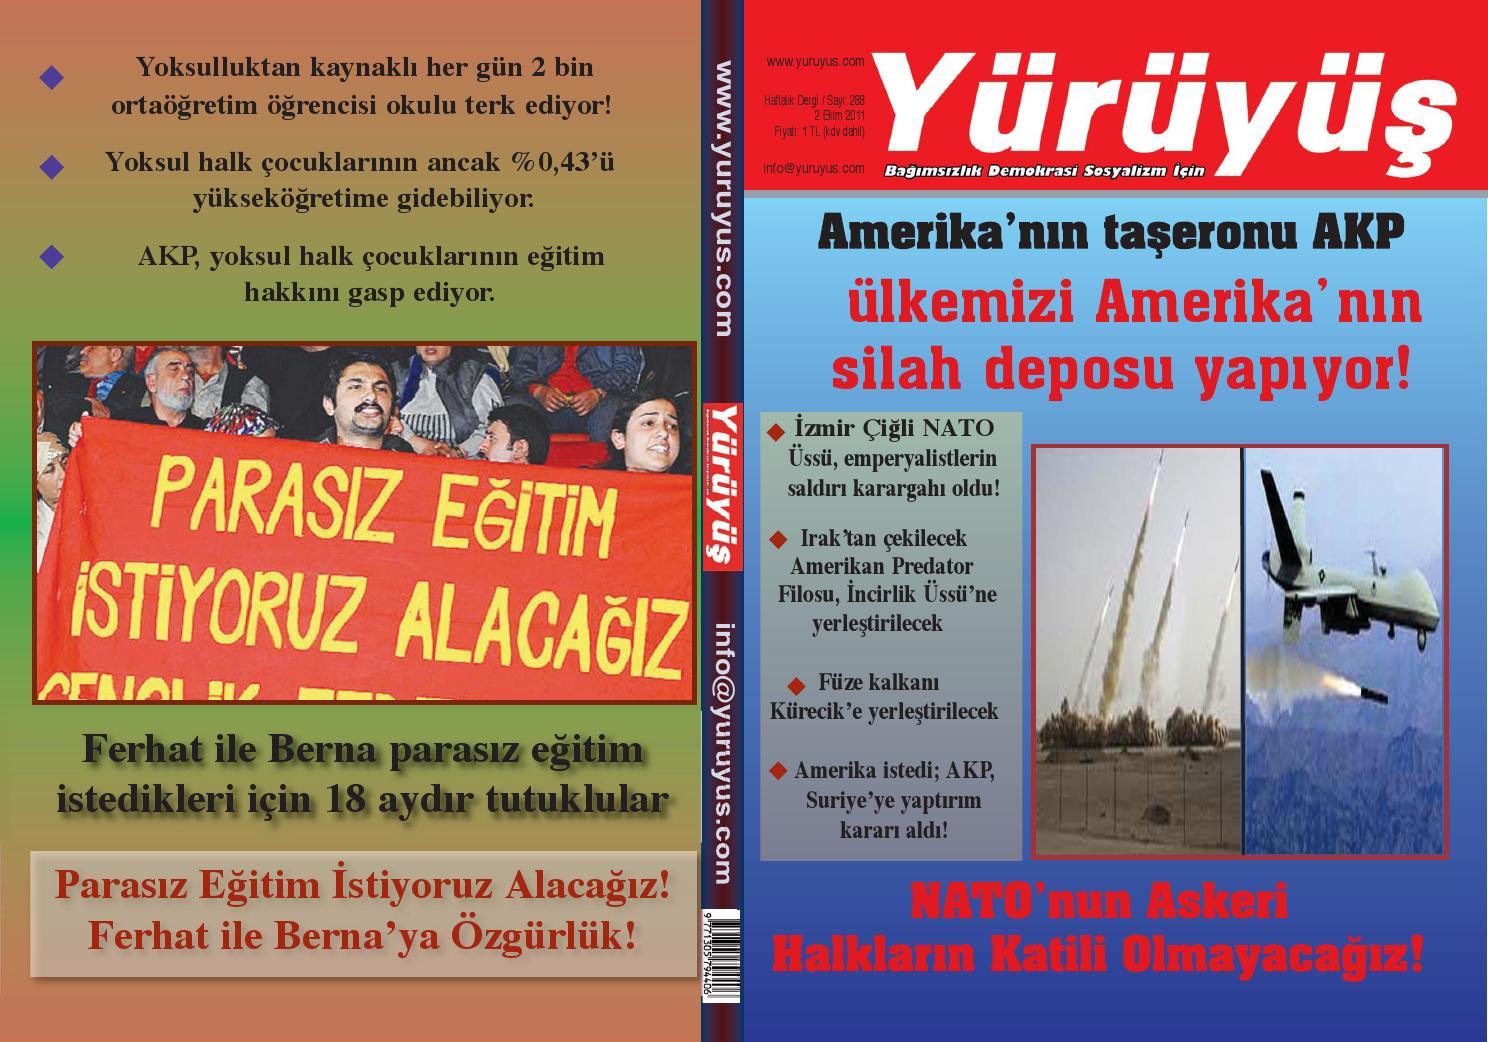 Türkiyeden gönderildiği iddia edilen silahlar için Libyada soruşturma açılıyor 51